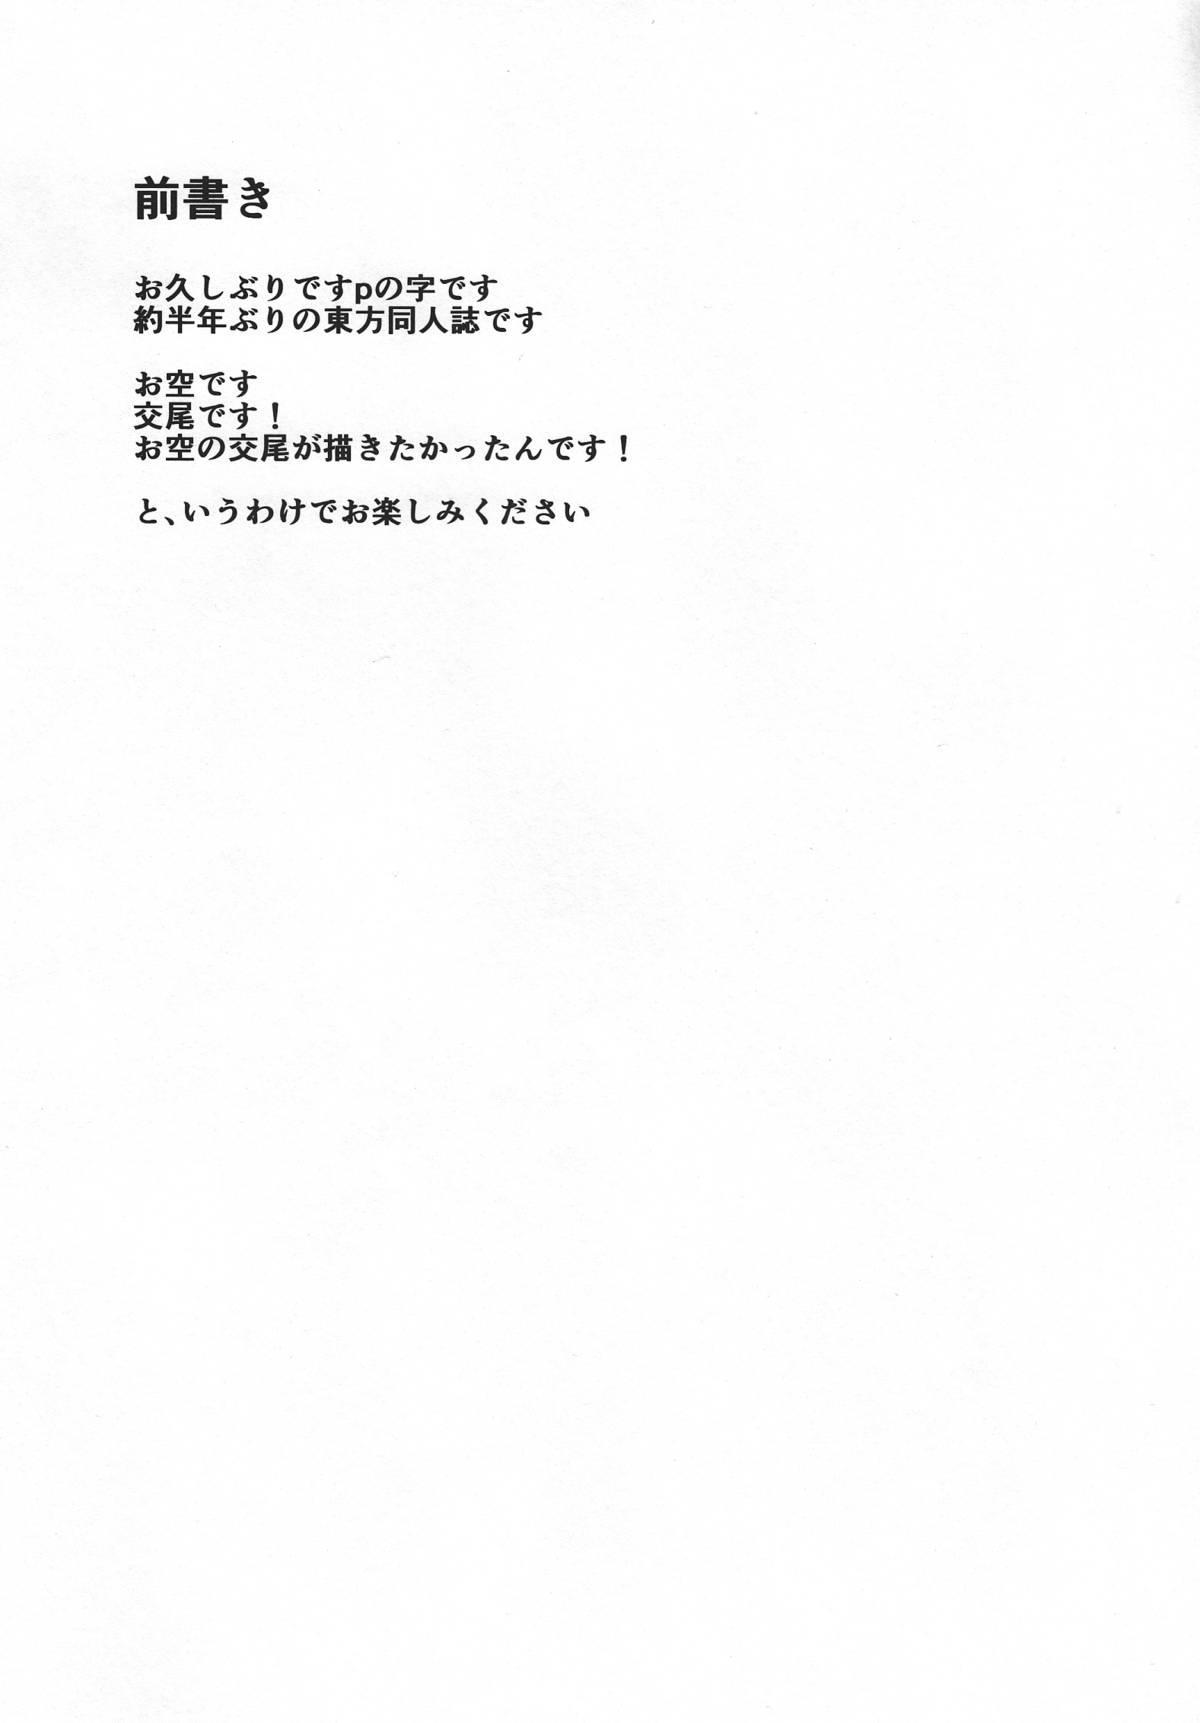 Utsuho no Su 2